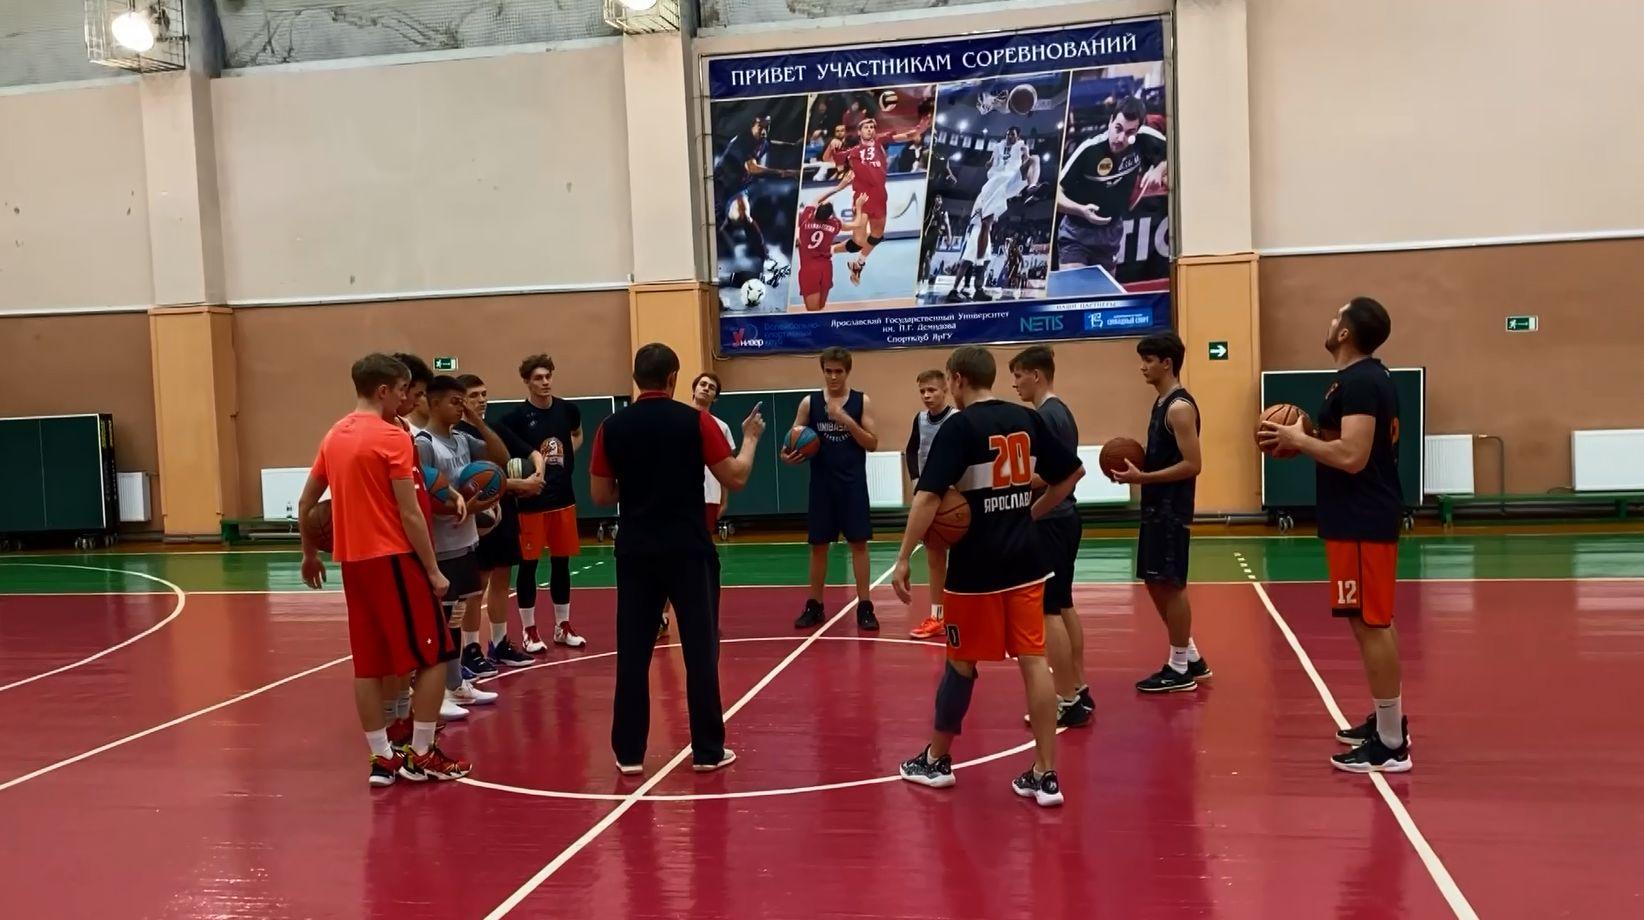 Профессиональный баскетбол в Ярославской области получил шанс на жизнь - «Буревестник» вернулся к тренировкам